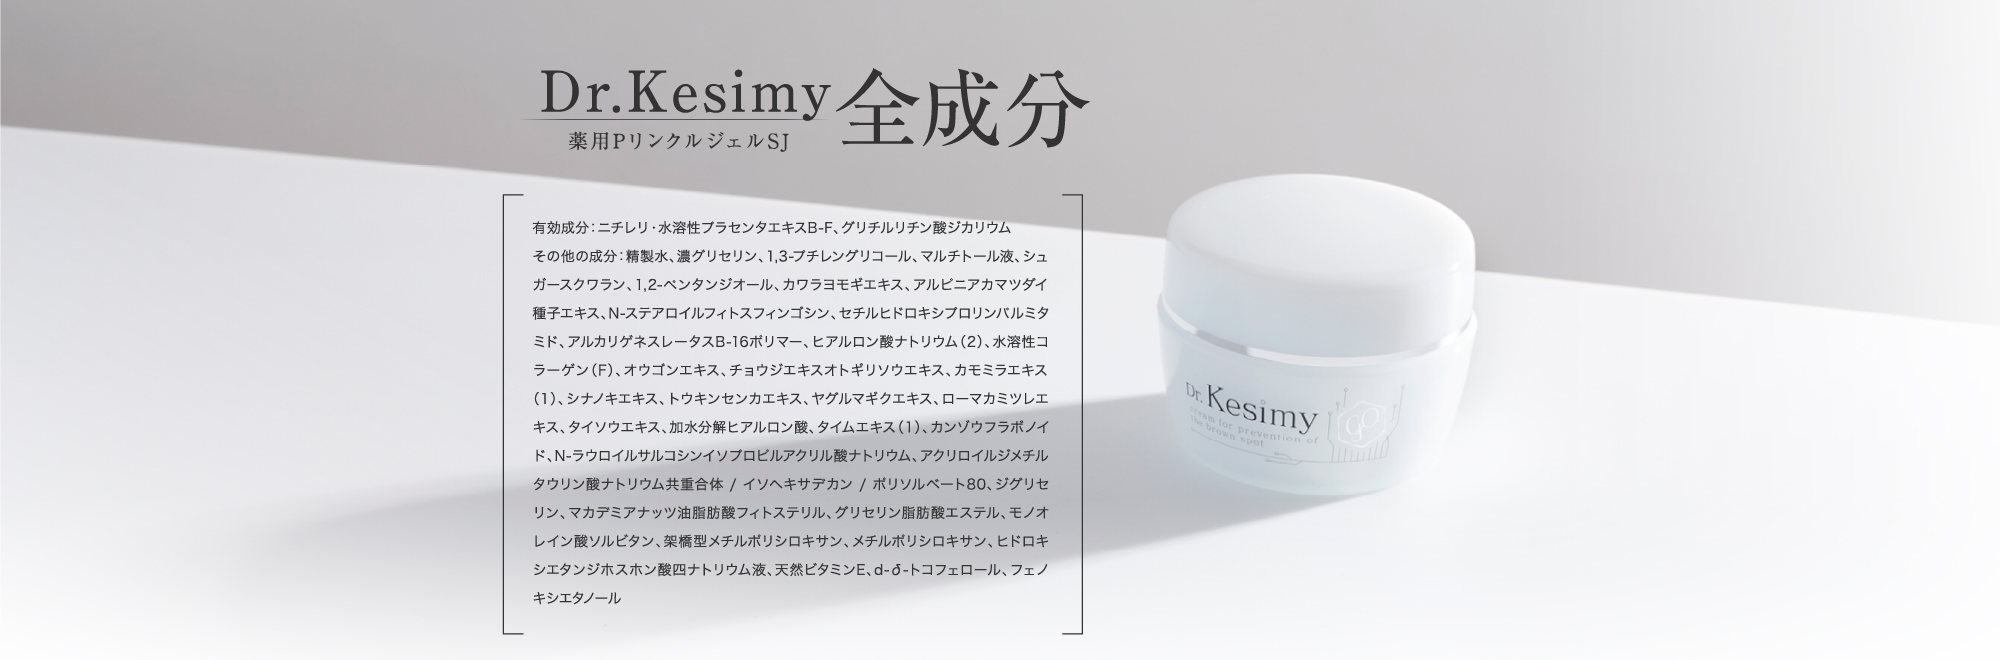 Dr.Kesimy全成分